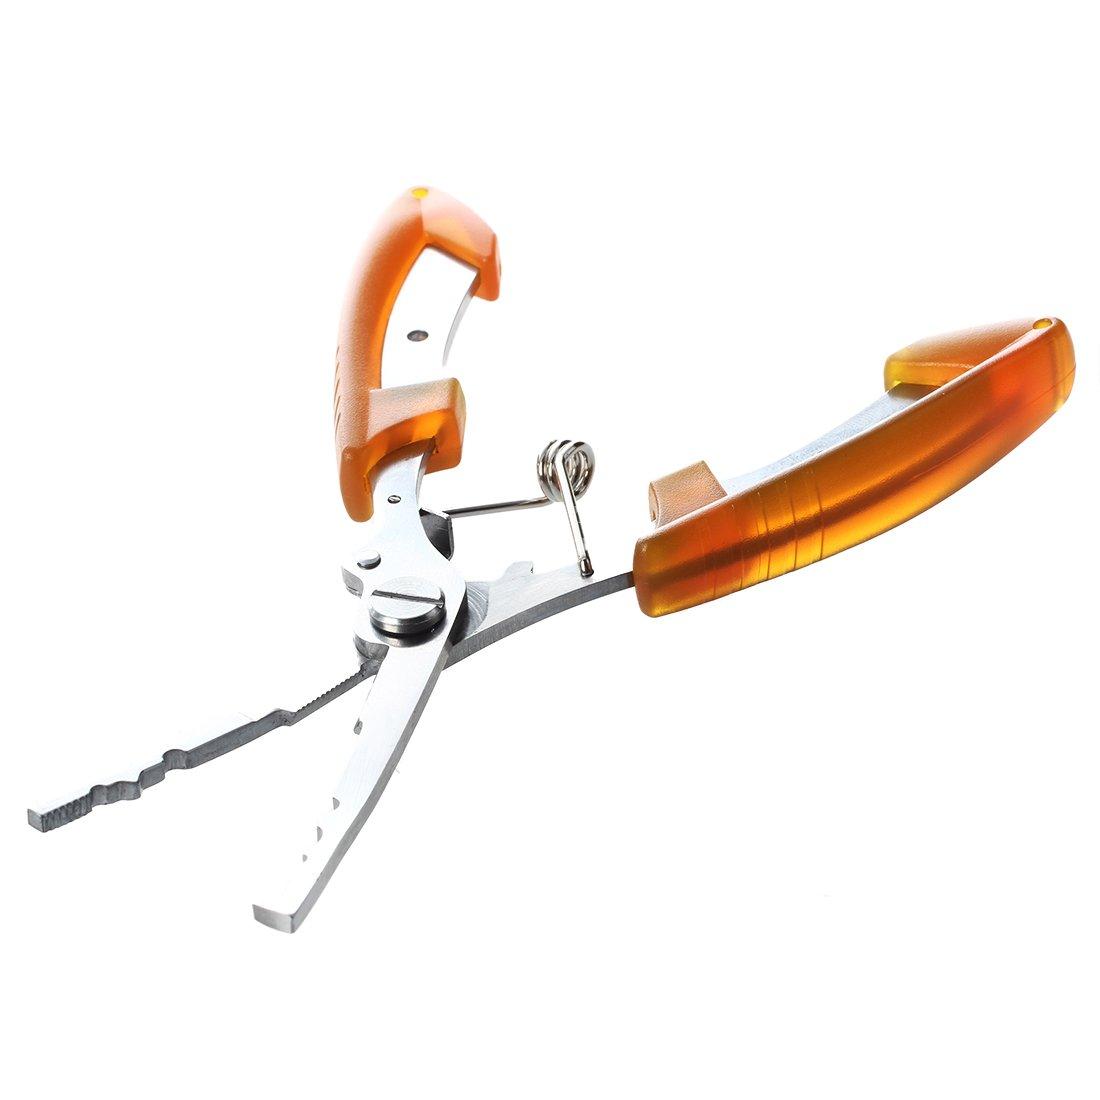 TOOGOO(R)16cm Alicates Tijeras herramienta de corte de linea de pesca de acero inoxidable Naranja: Amazon.es: Deportes y aire libre